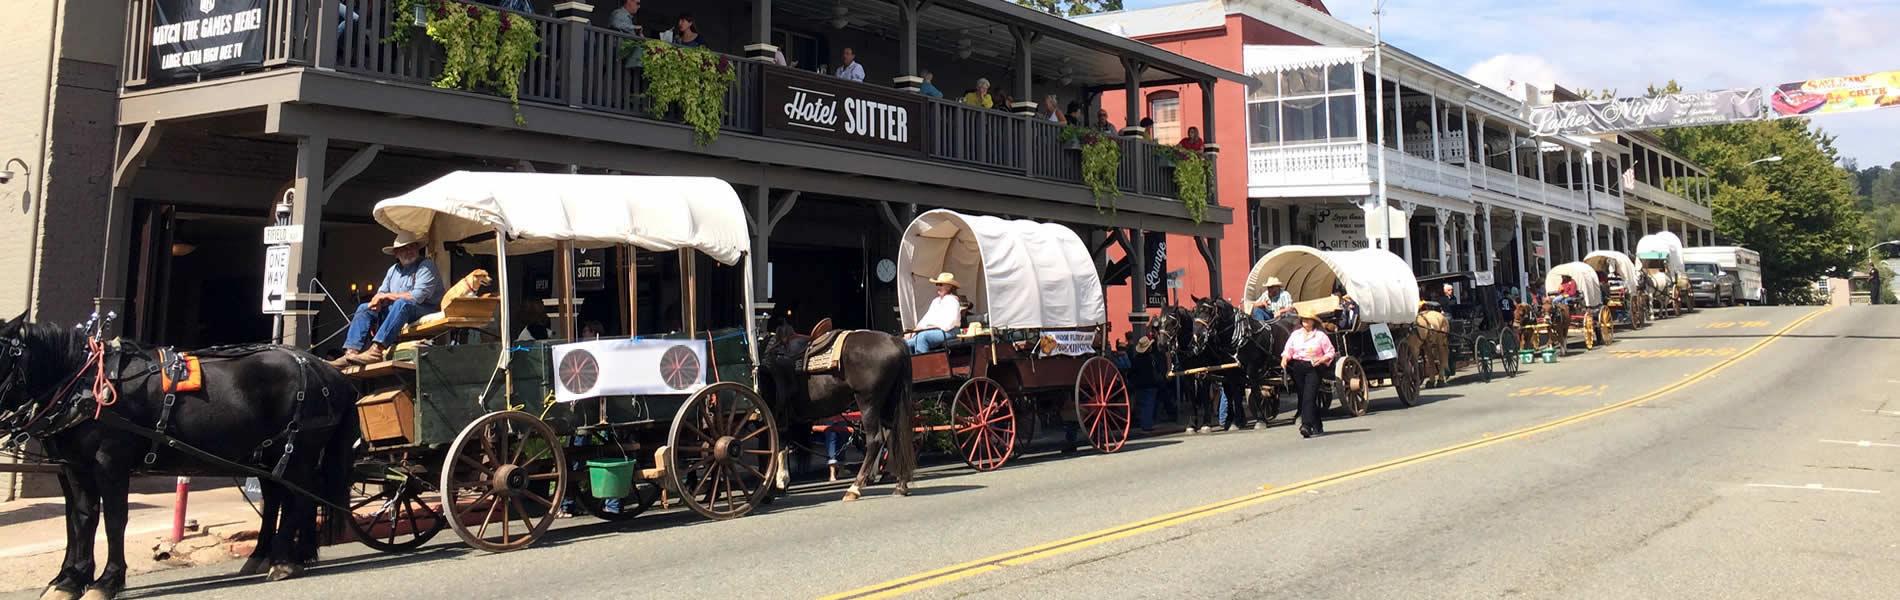 sutter creek wagon train